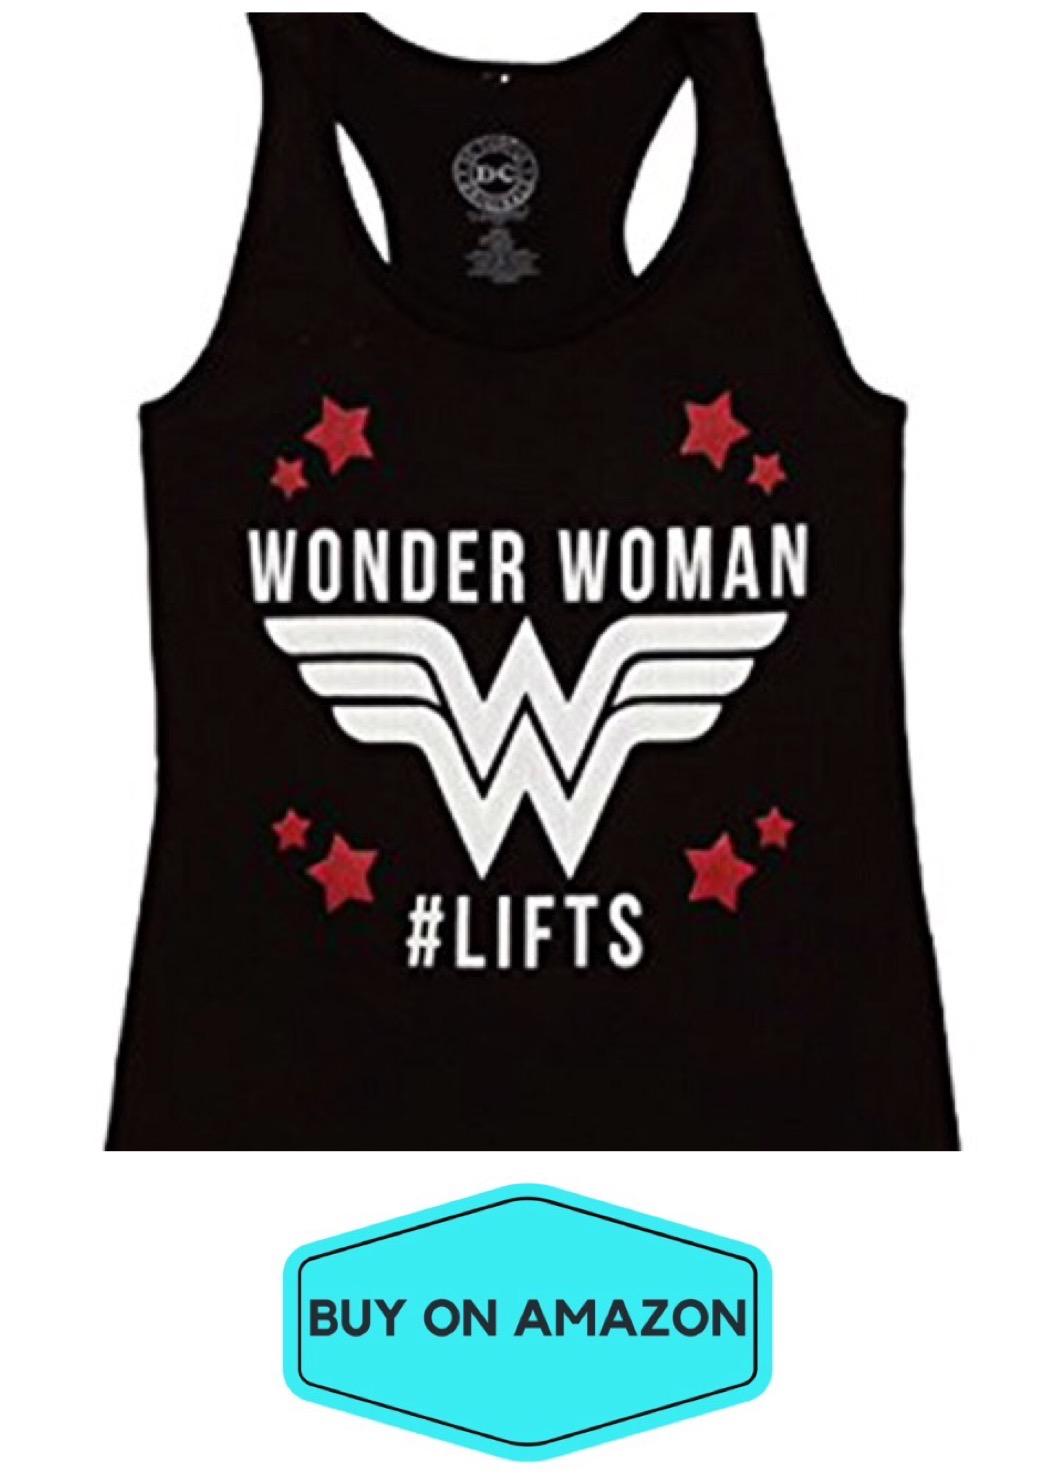 Wonder Woman Lifts Tank